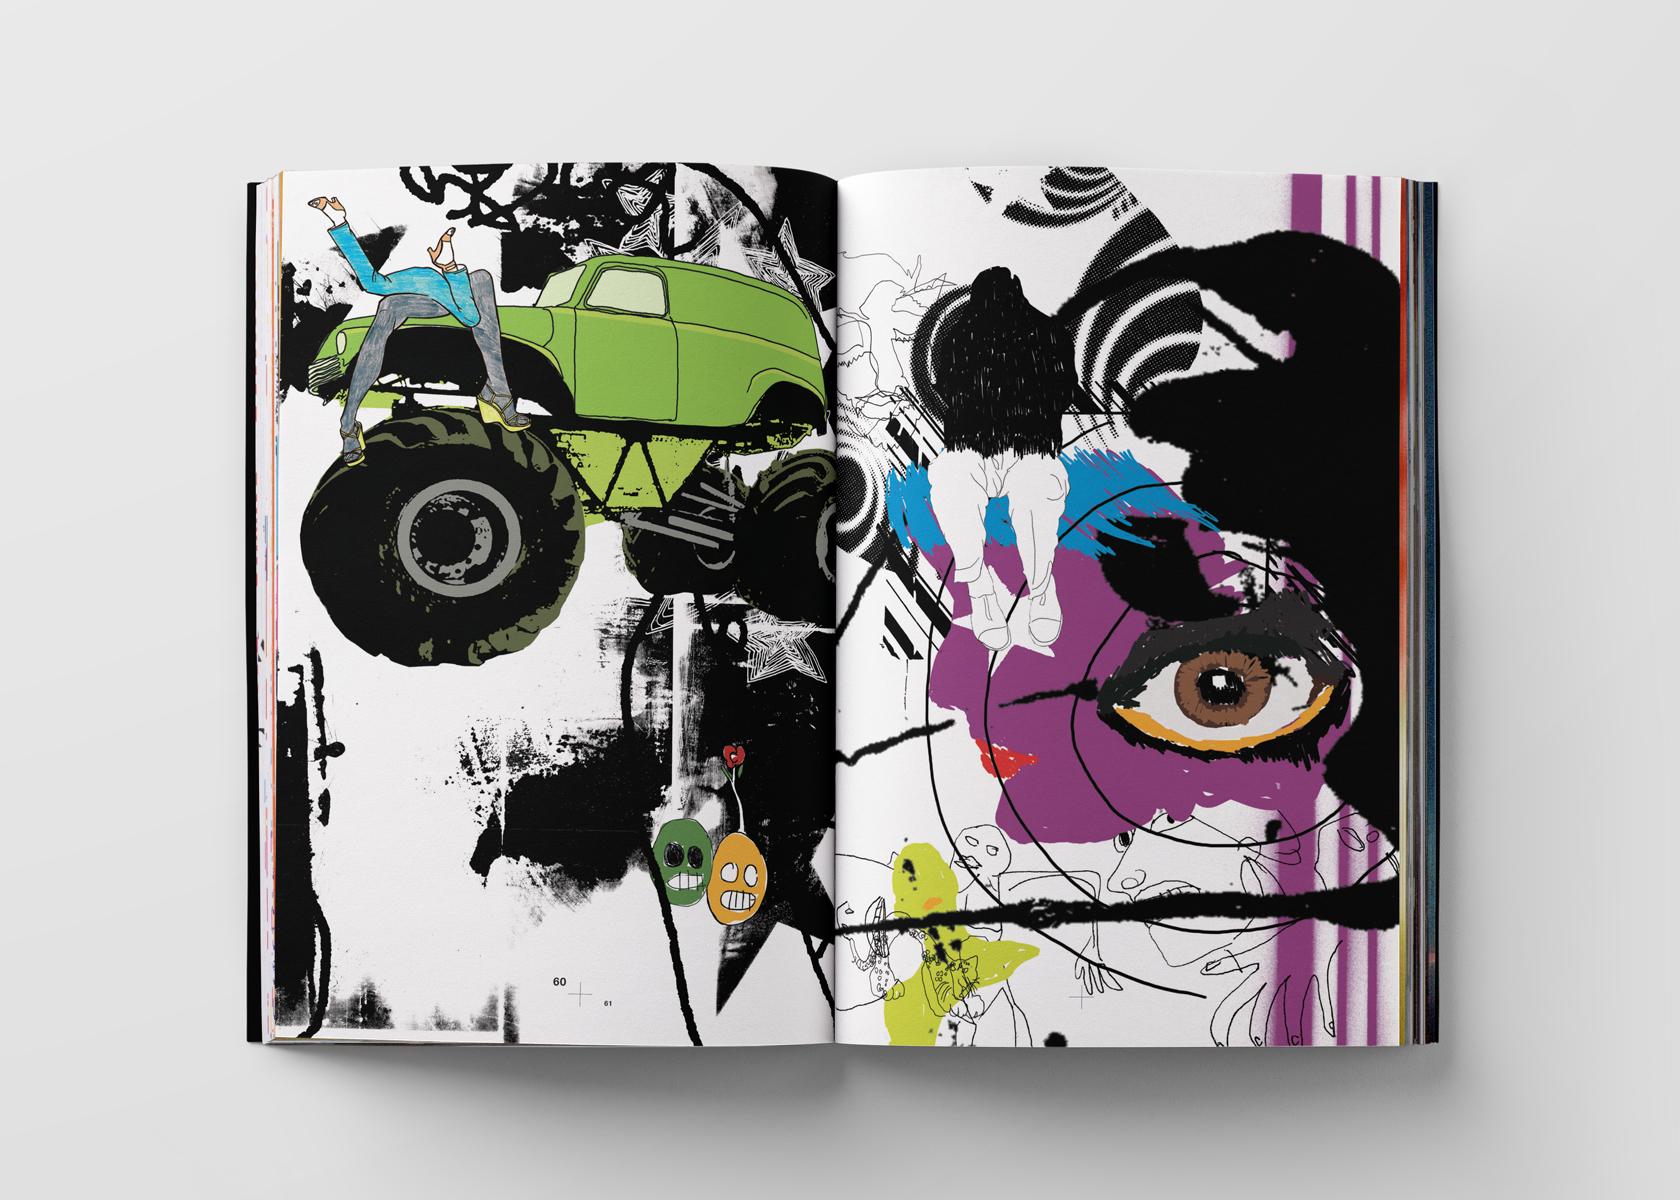 Auto_Pilots_Book_Spread_10_12Col